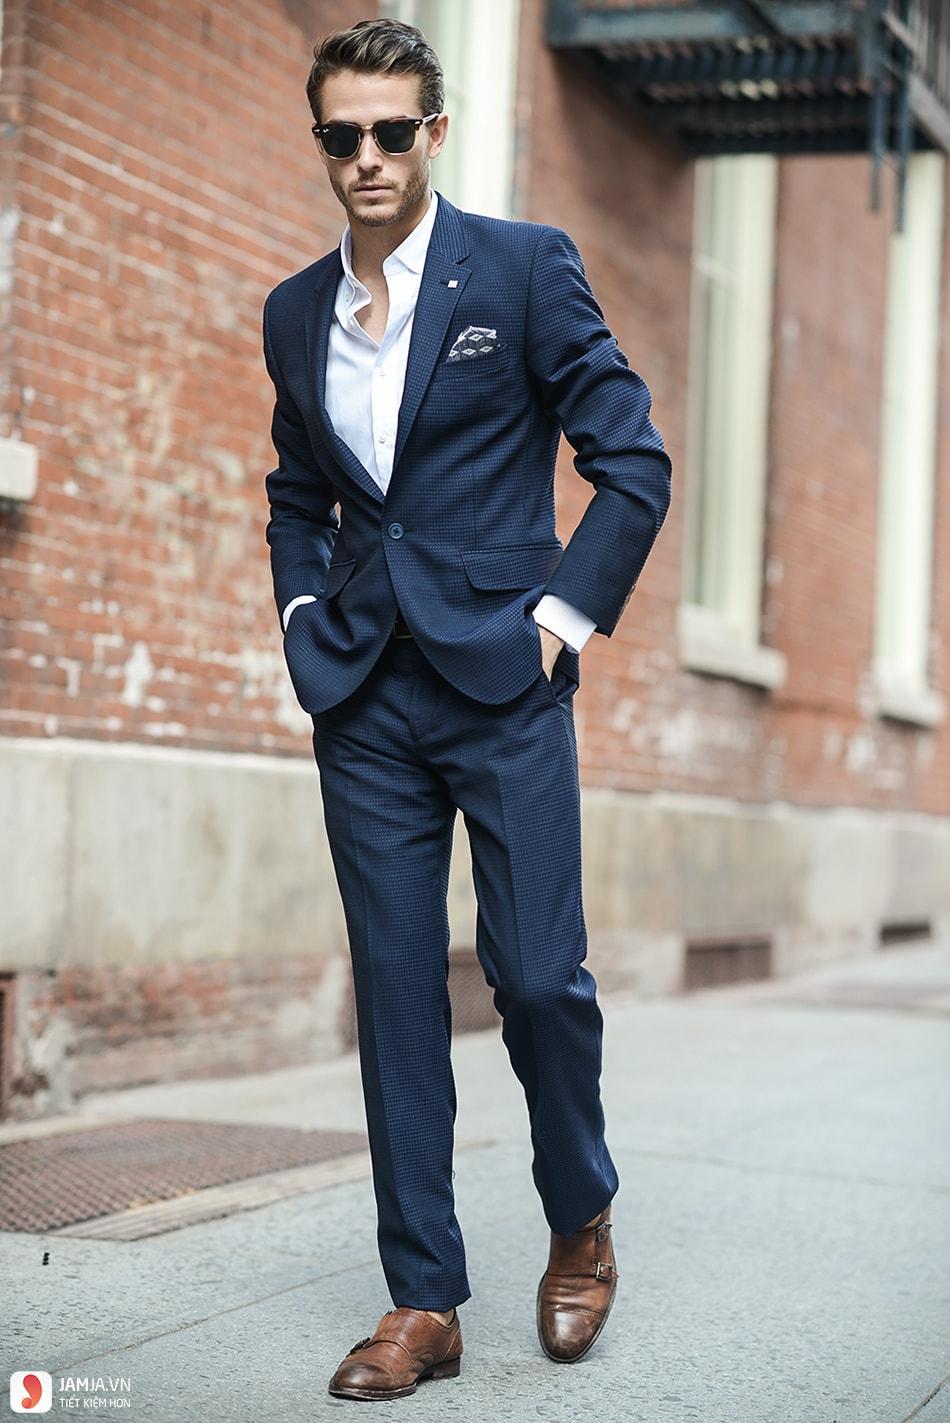 cách ăn mặc đẹp cho nam gầy 1